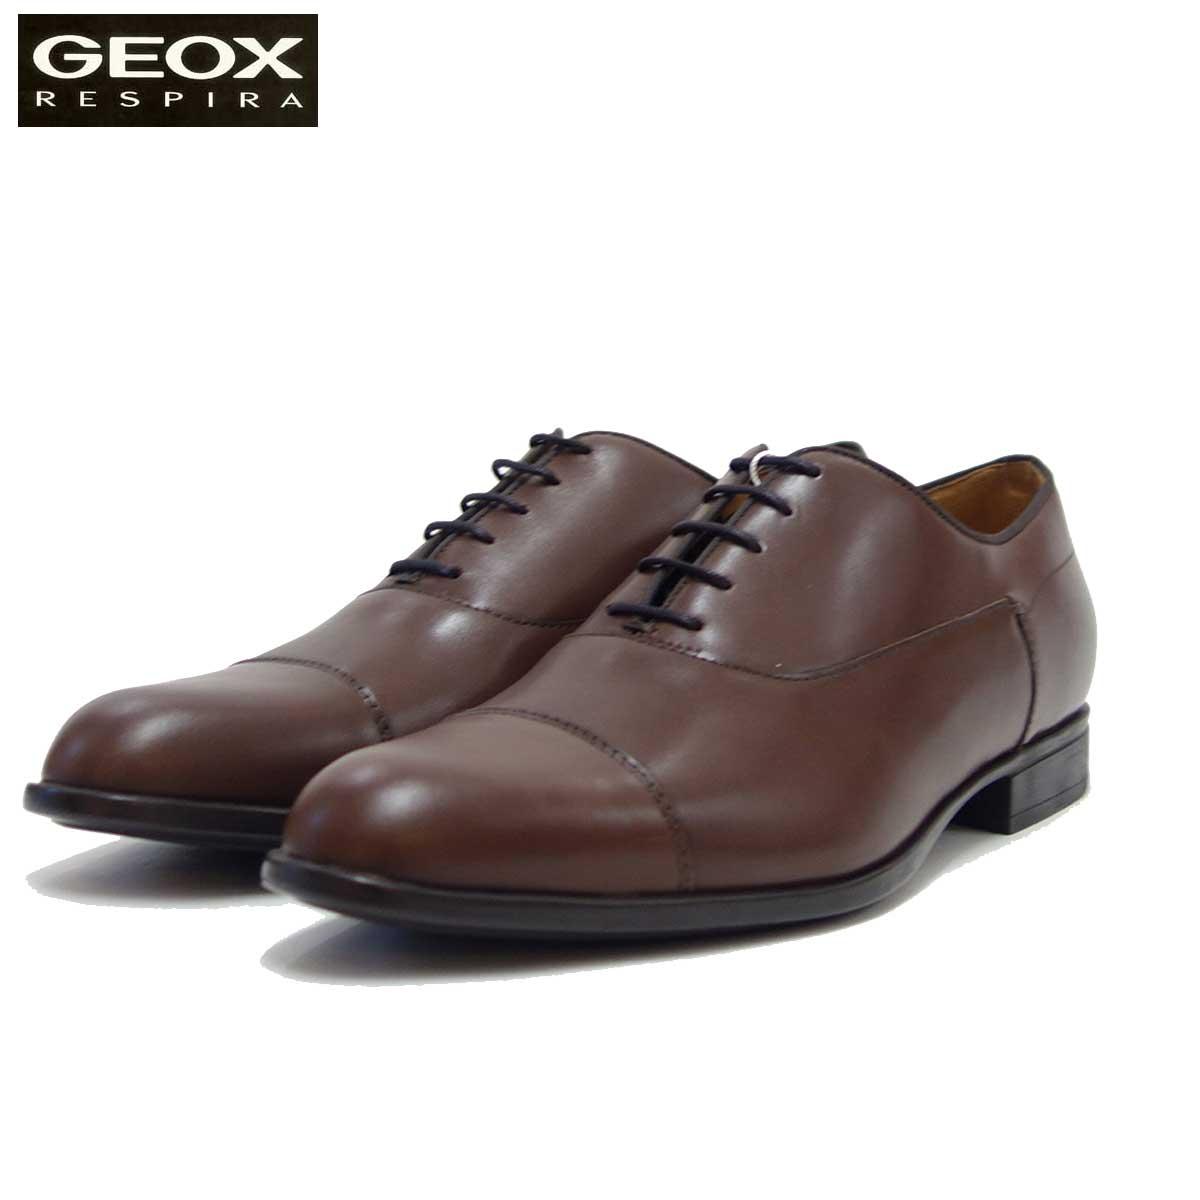 GEOX ジェオックス U 029GB ブラウン(メンズ) 上質レザーのビジネスシューズ 「靴」